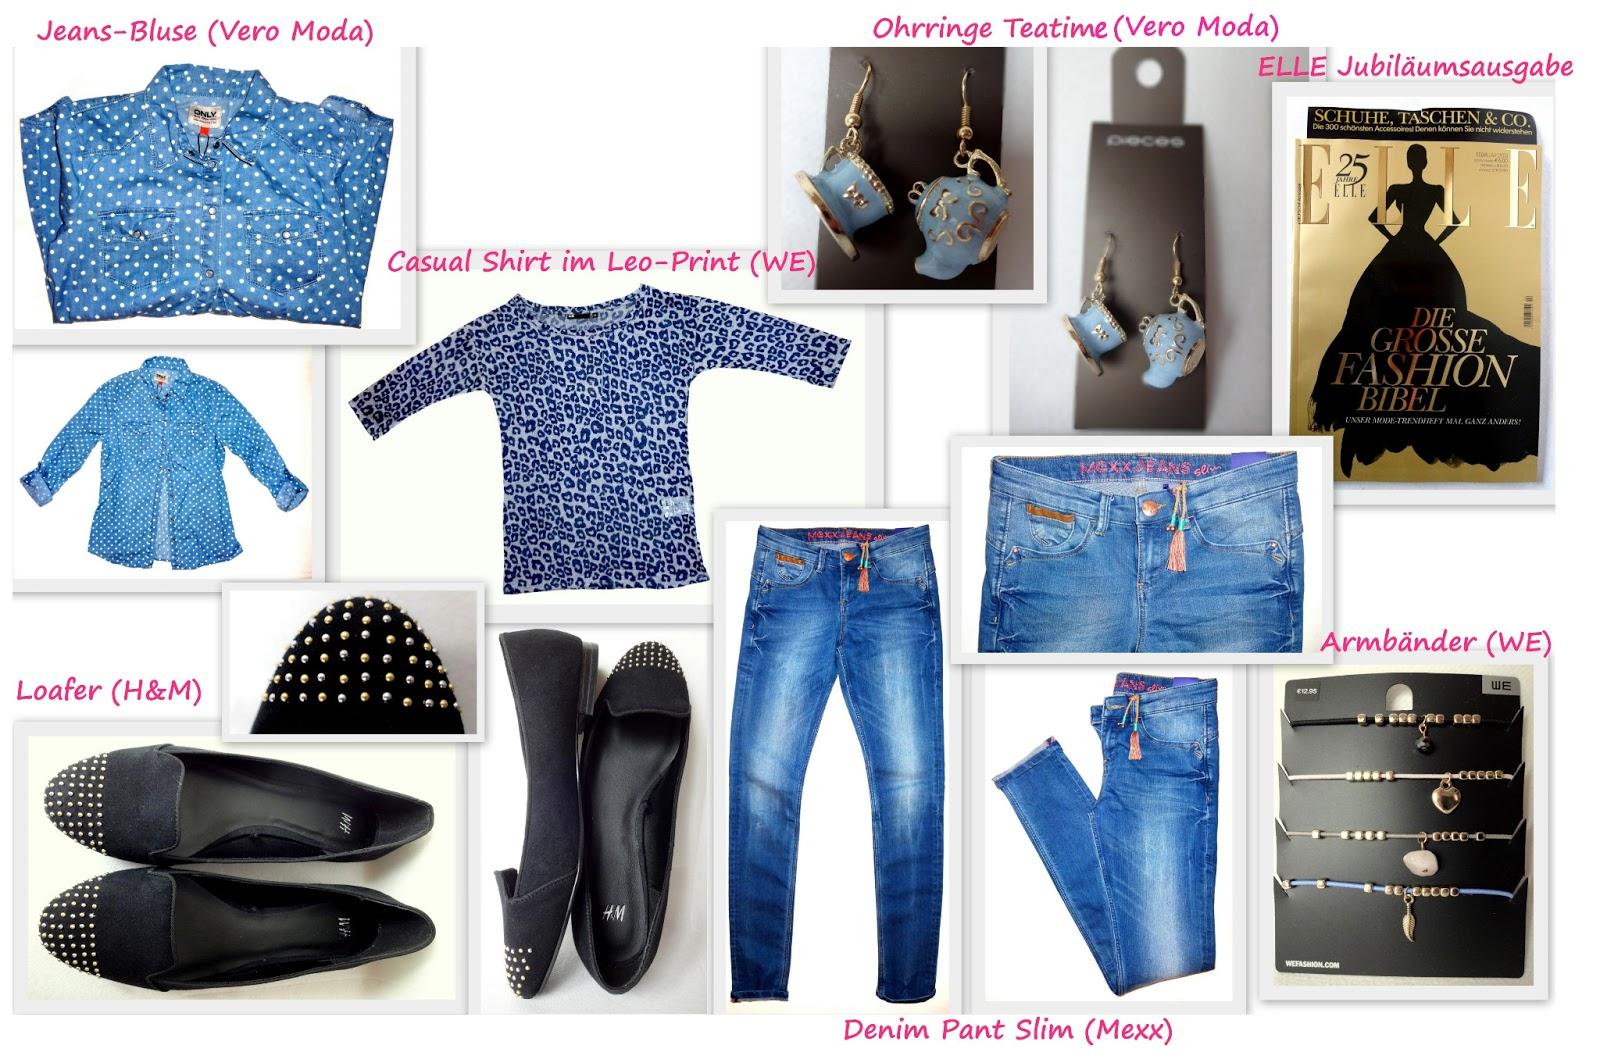 Meine Shoppingausbeute von Vero Moda, H&M, We und Co.